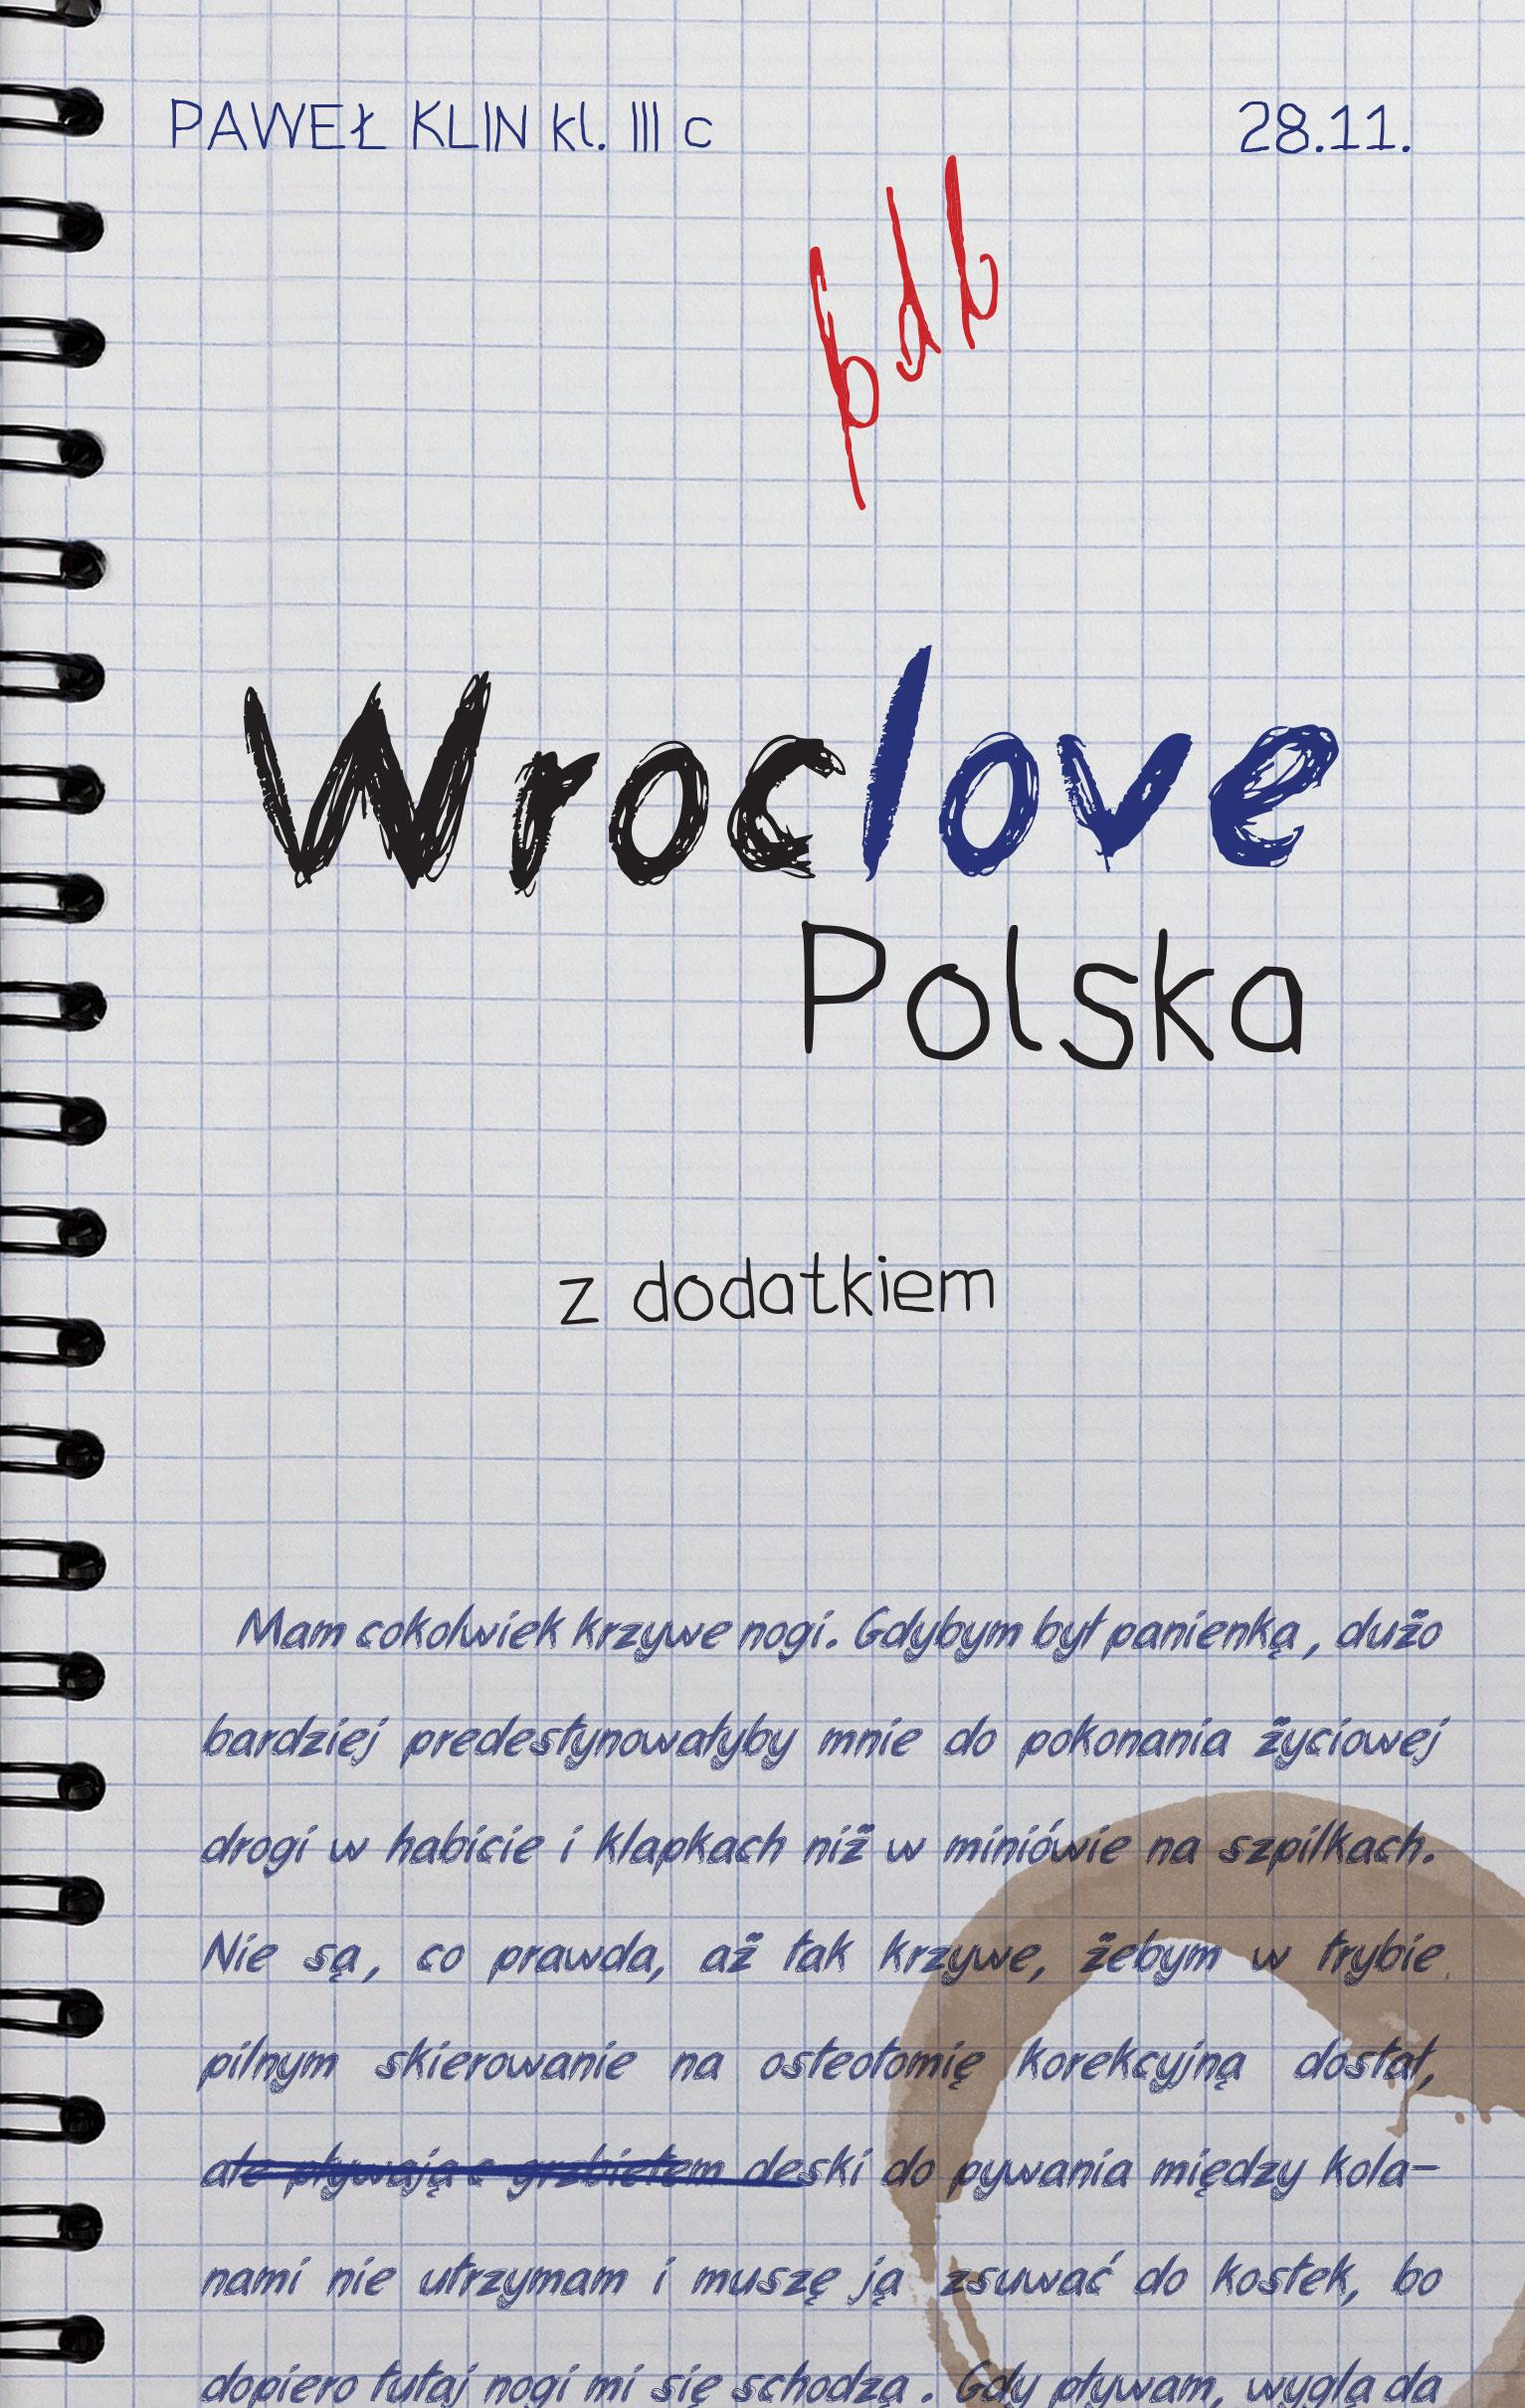 Wroclove Polska Paweł Klin